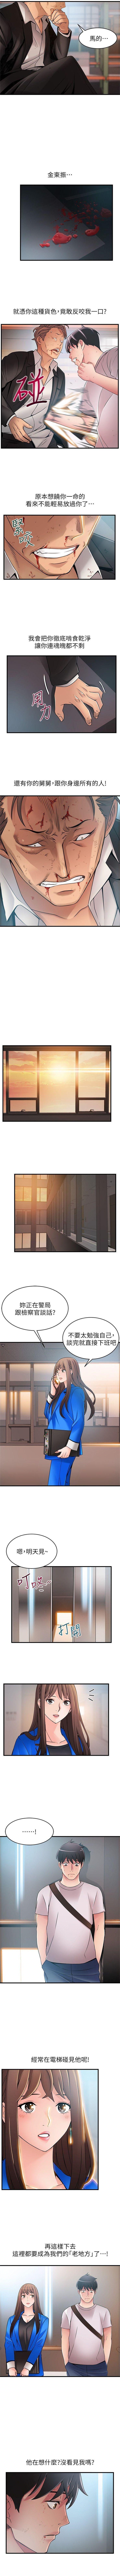 弱點 1-101 官方中文(連載中) 181